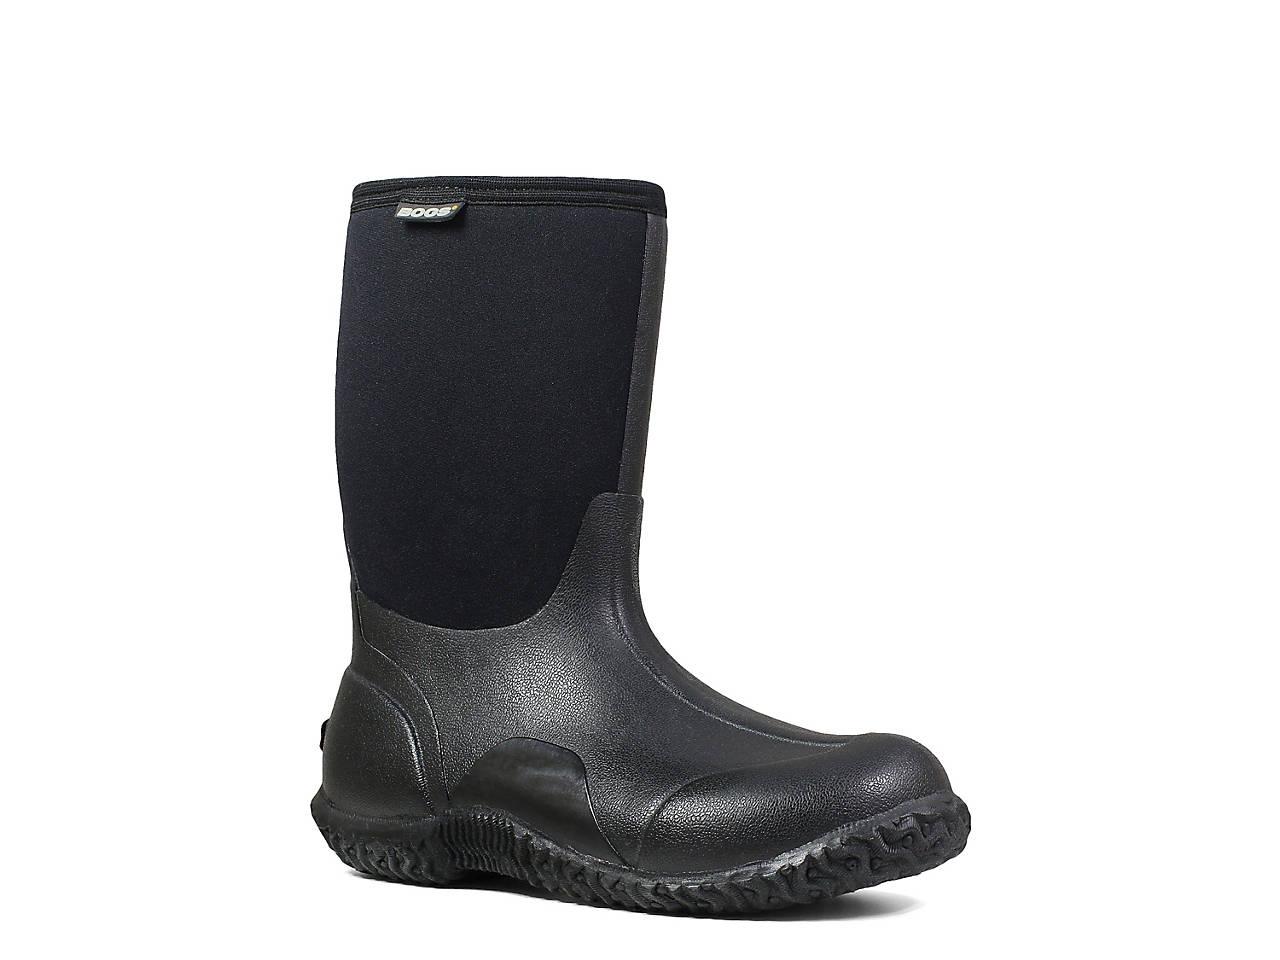 763837ce913d Bogs Classic Mid Snow Boot Women's Shoes | DSW